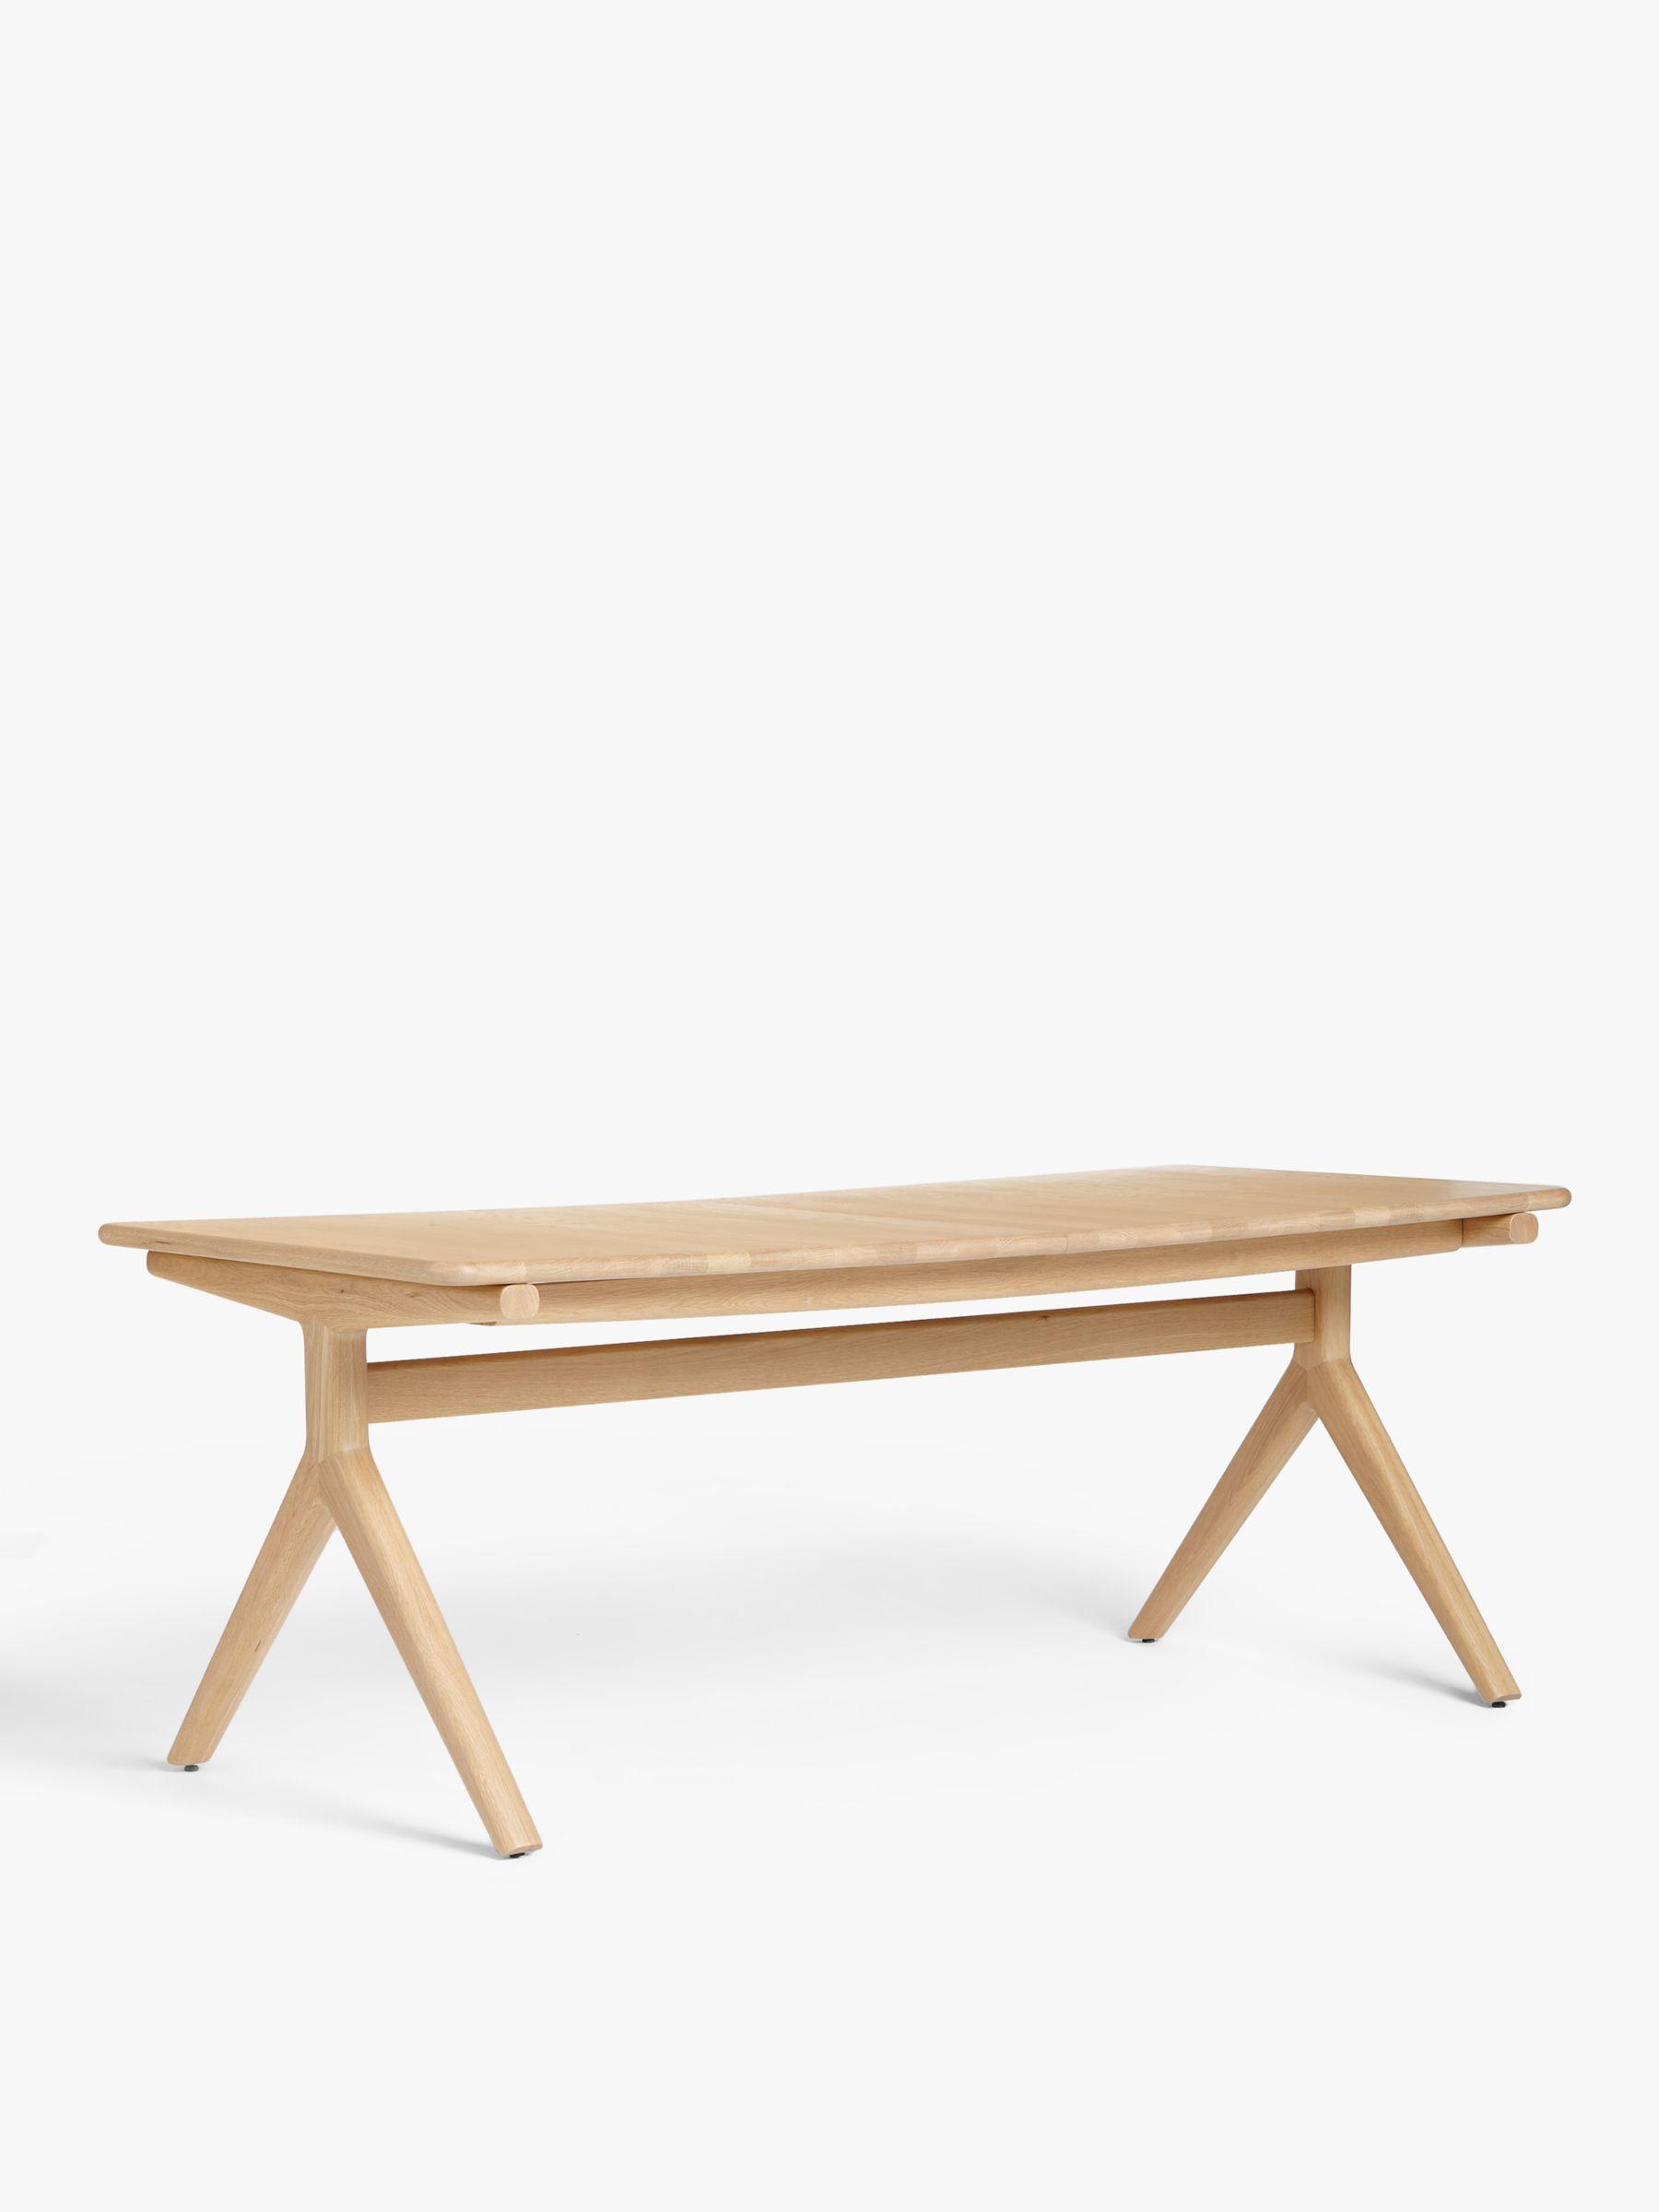 John Lewis & Partners Poise 6-10 Seater Extending Dining Table, Oak